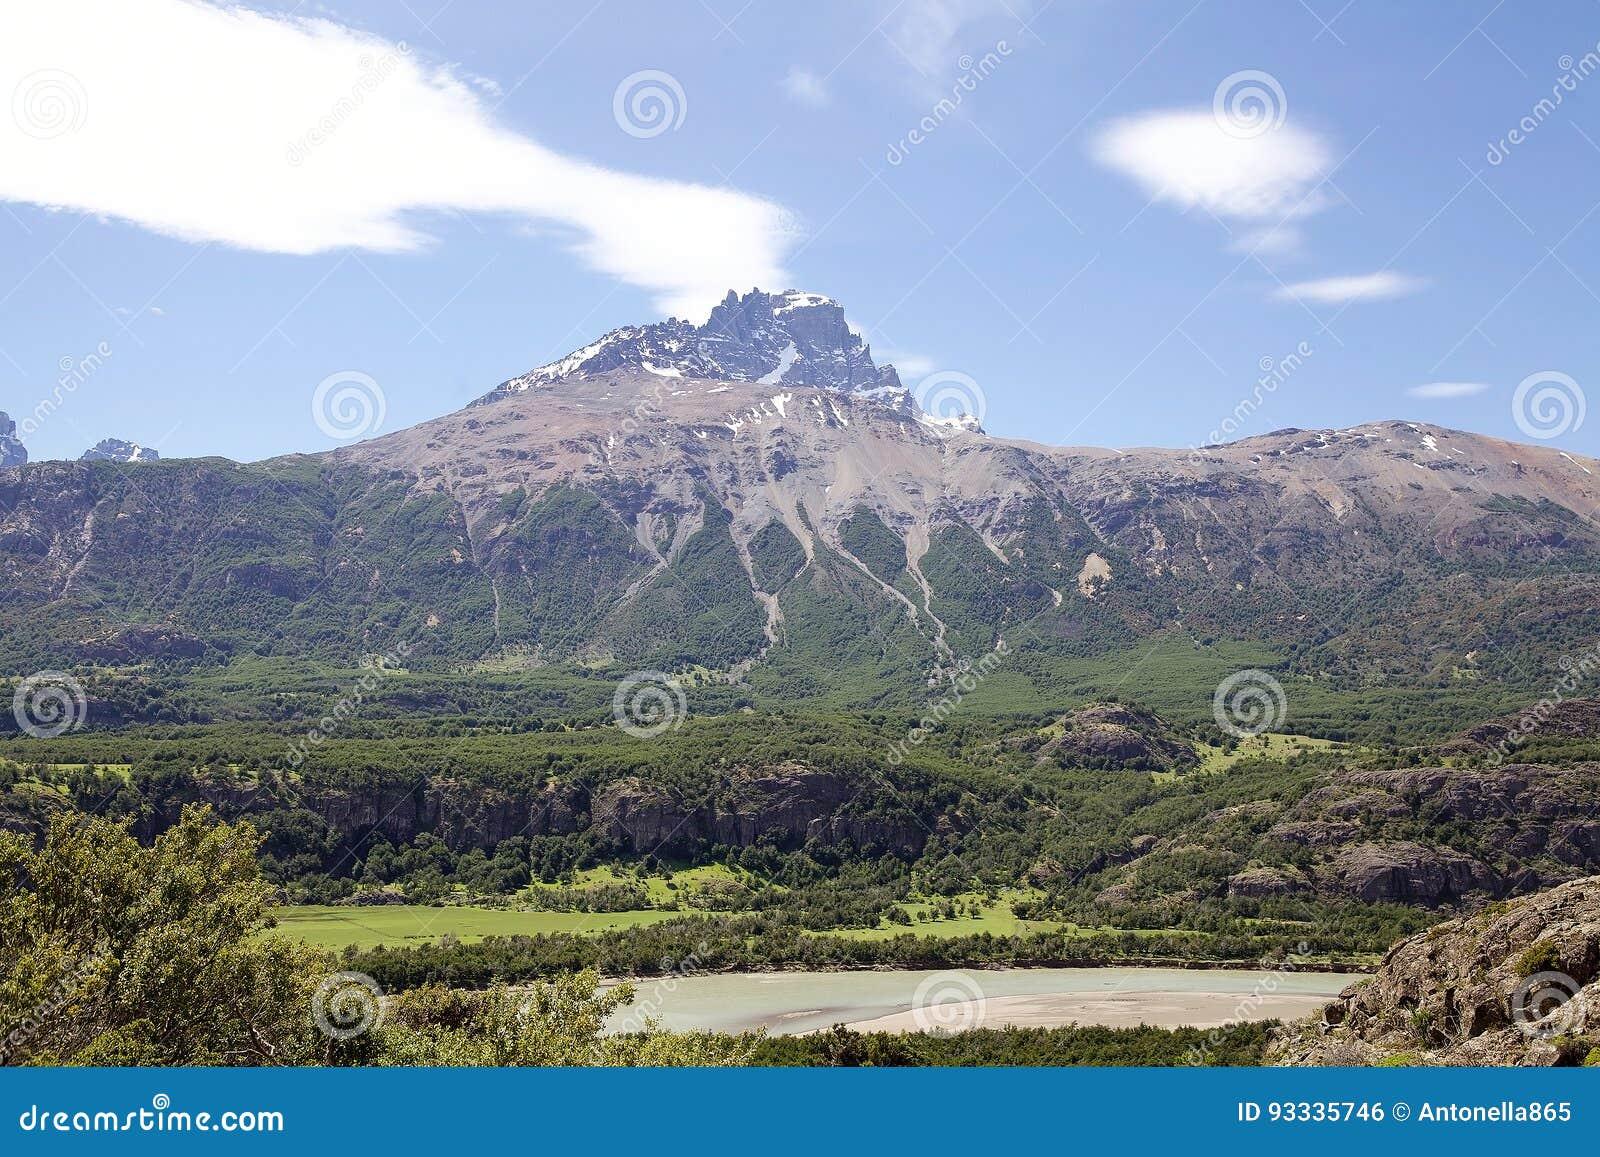 Cerro Castillo rocky peak, Chile